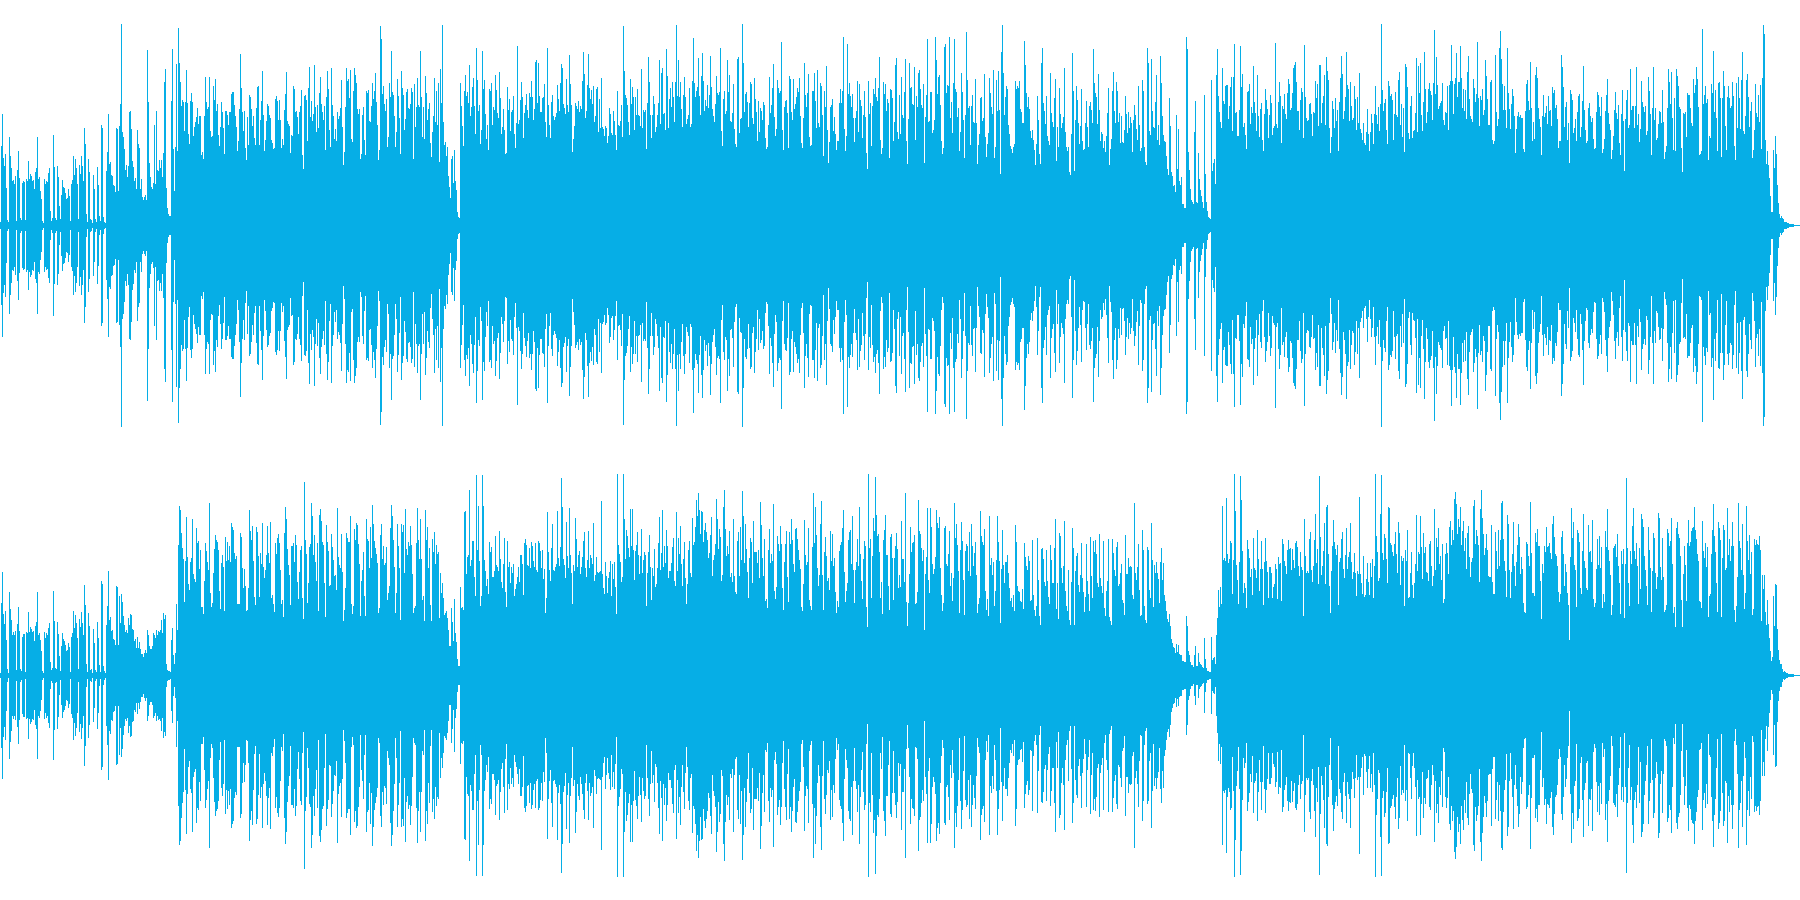 クール&溌剌なアップテンポJazzの再生済みの波形